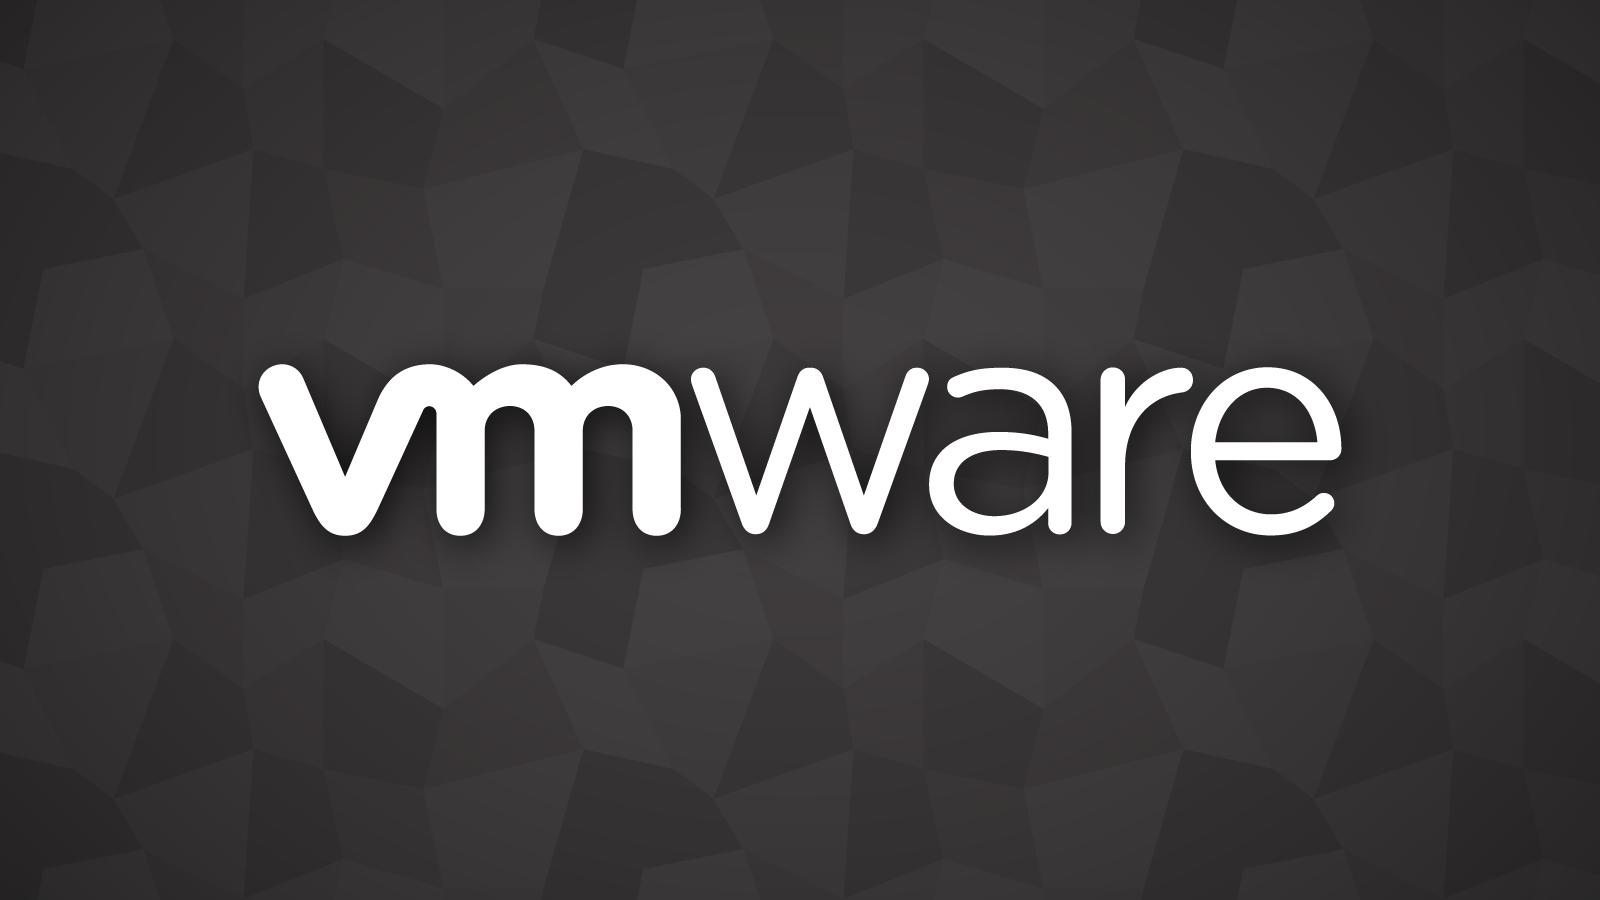 VMware исправила 0-day уязвимость, обнаруженную АНБ